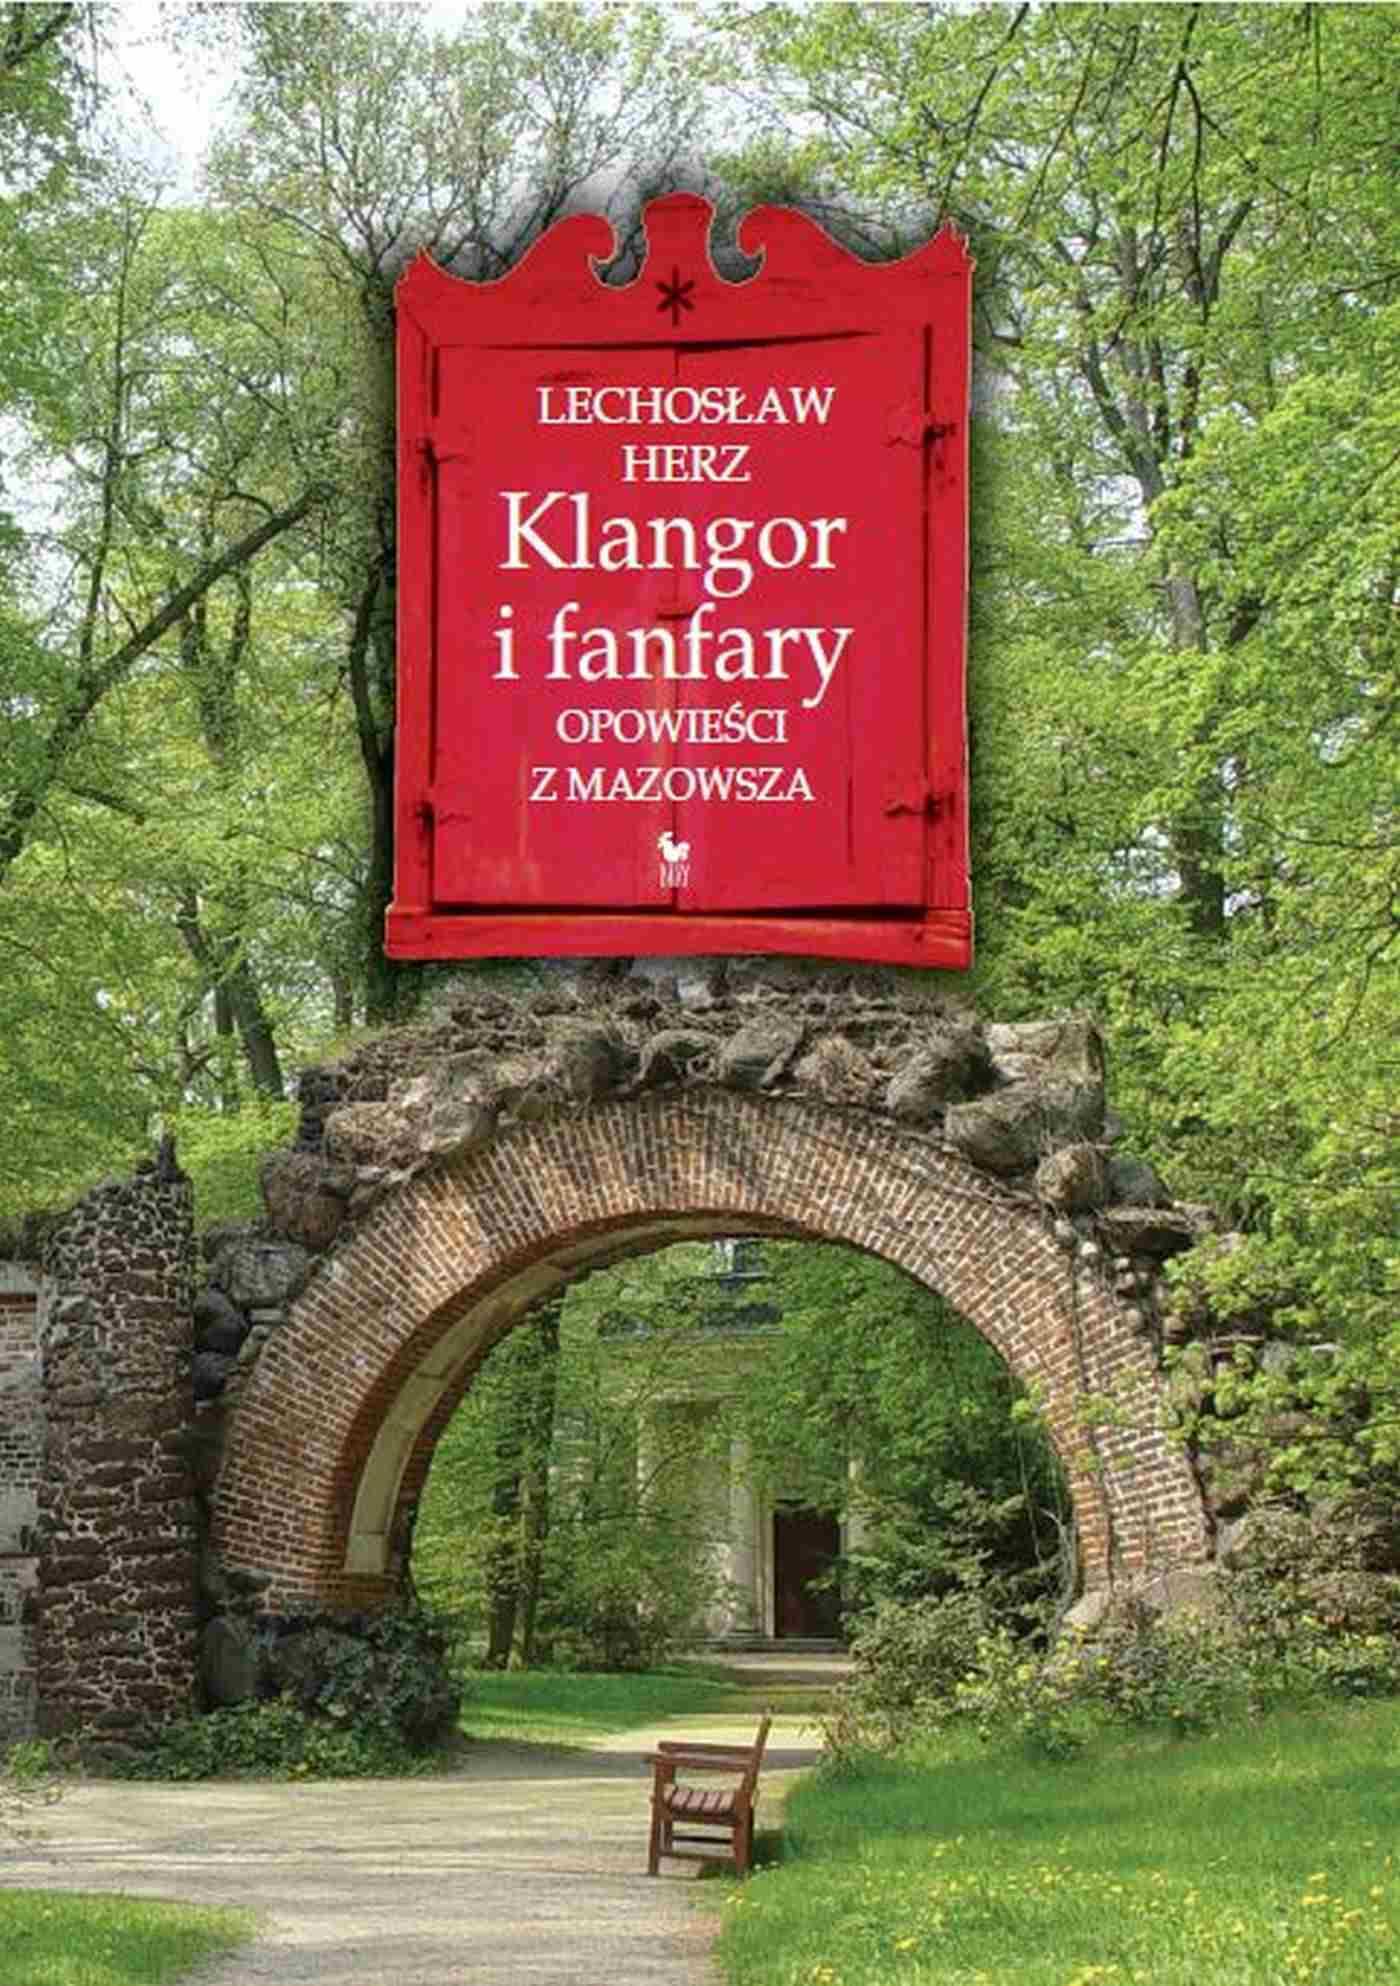 Klangor i fanfary - Ebook (Książka na Kindle) do pobrania w formacie MOBI